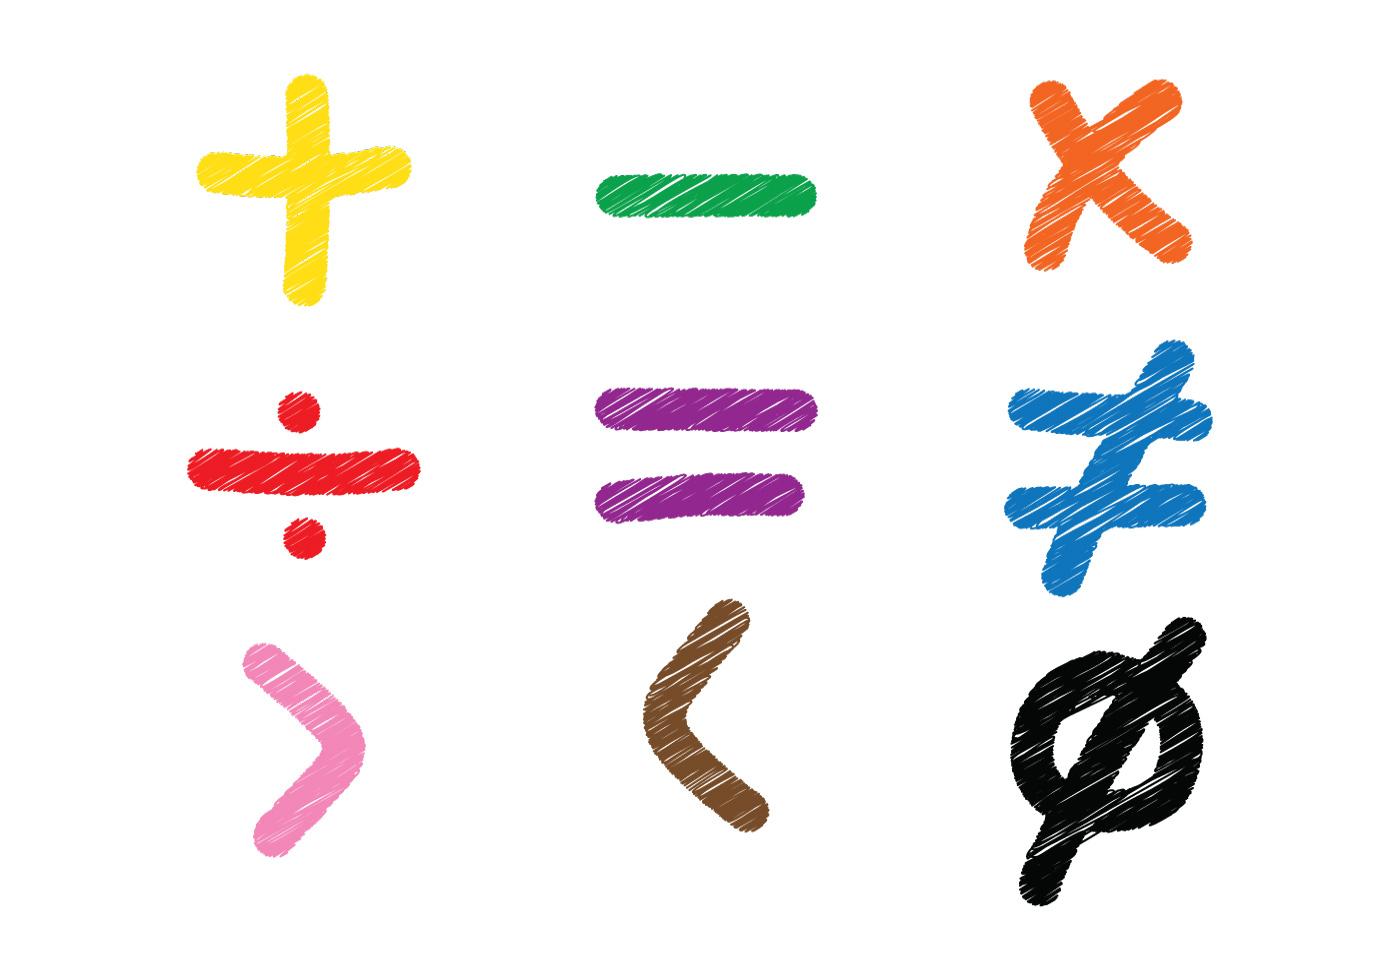 math symbol sketch vectors download free vector art stock graphics images